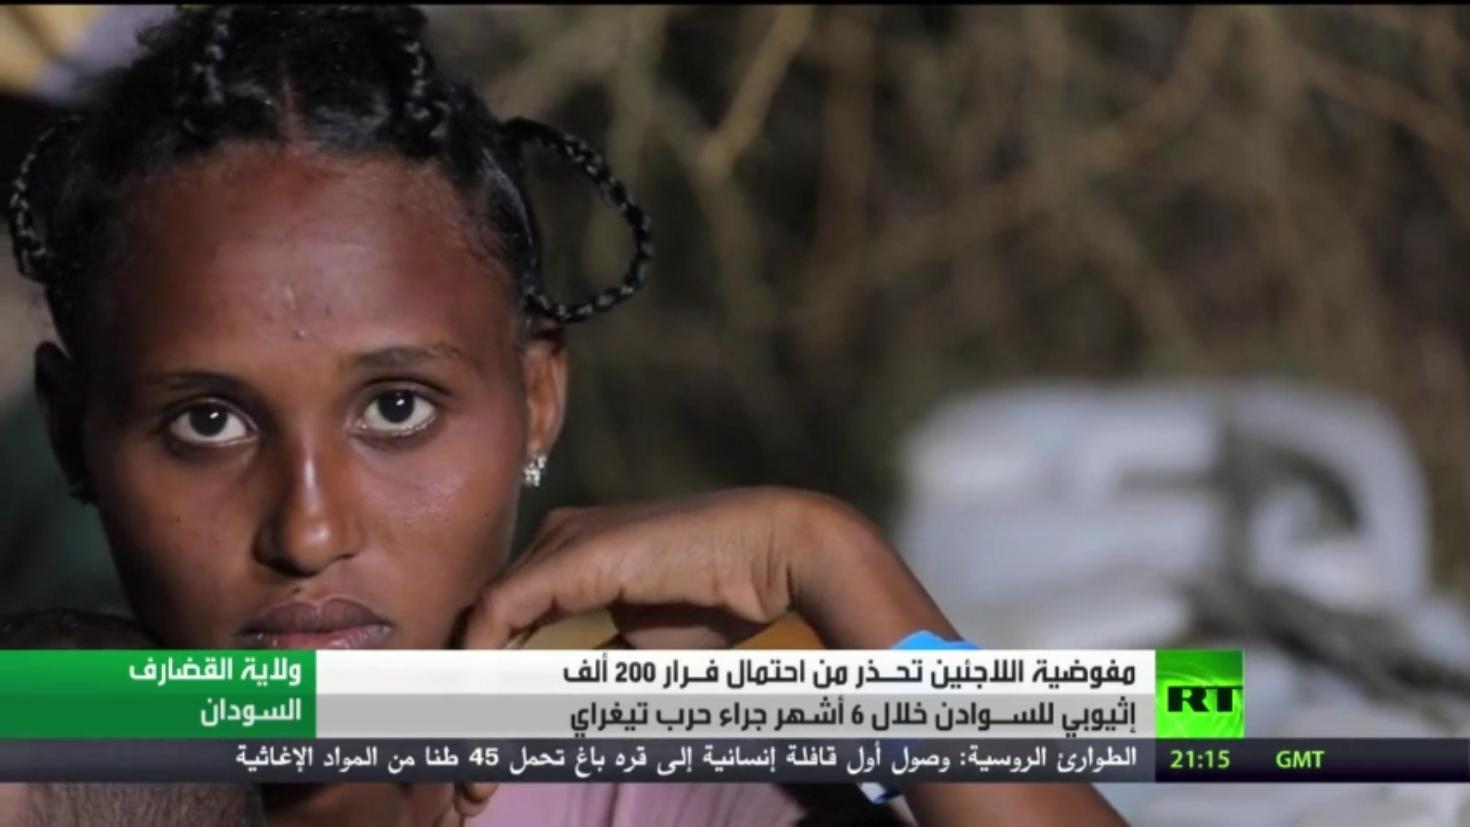 استمرار تدفق اللاجئين الإثيوبيين إلى السودان